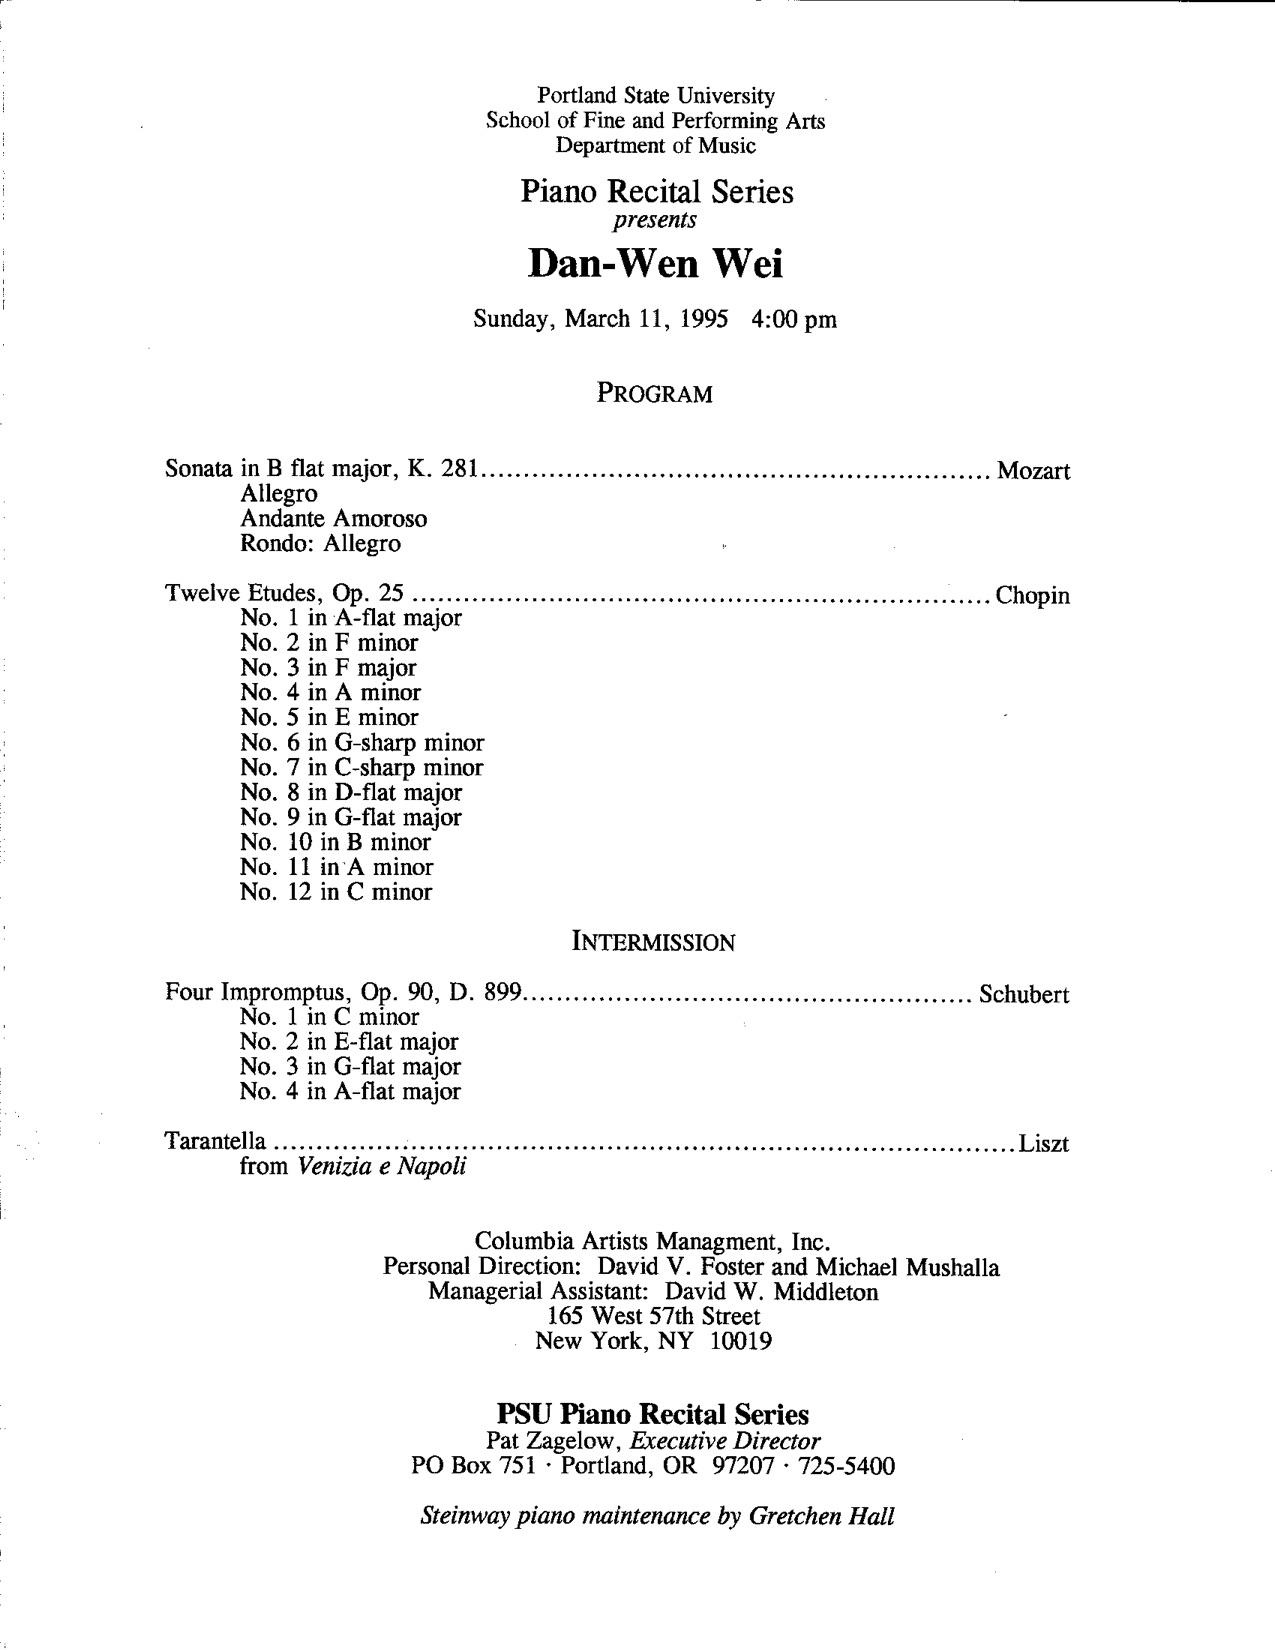 Wei94-95_Program2.jpg